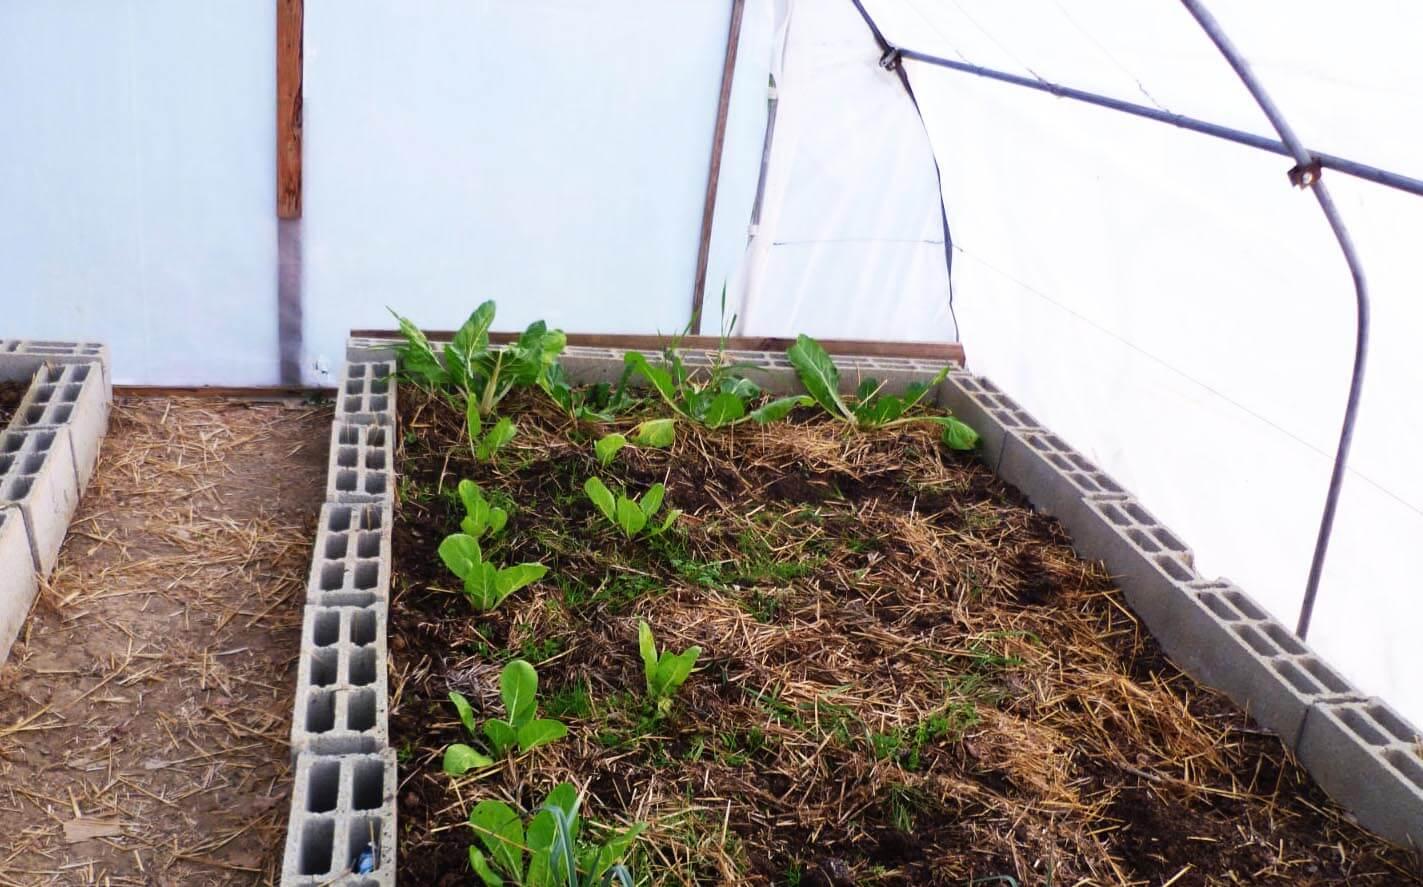 Comment Fabriquer Votre Serre ? - Le Blog De Jardinet.fr encequiconcerne Faire Sa Serre De Jardin Soi Meme